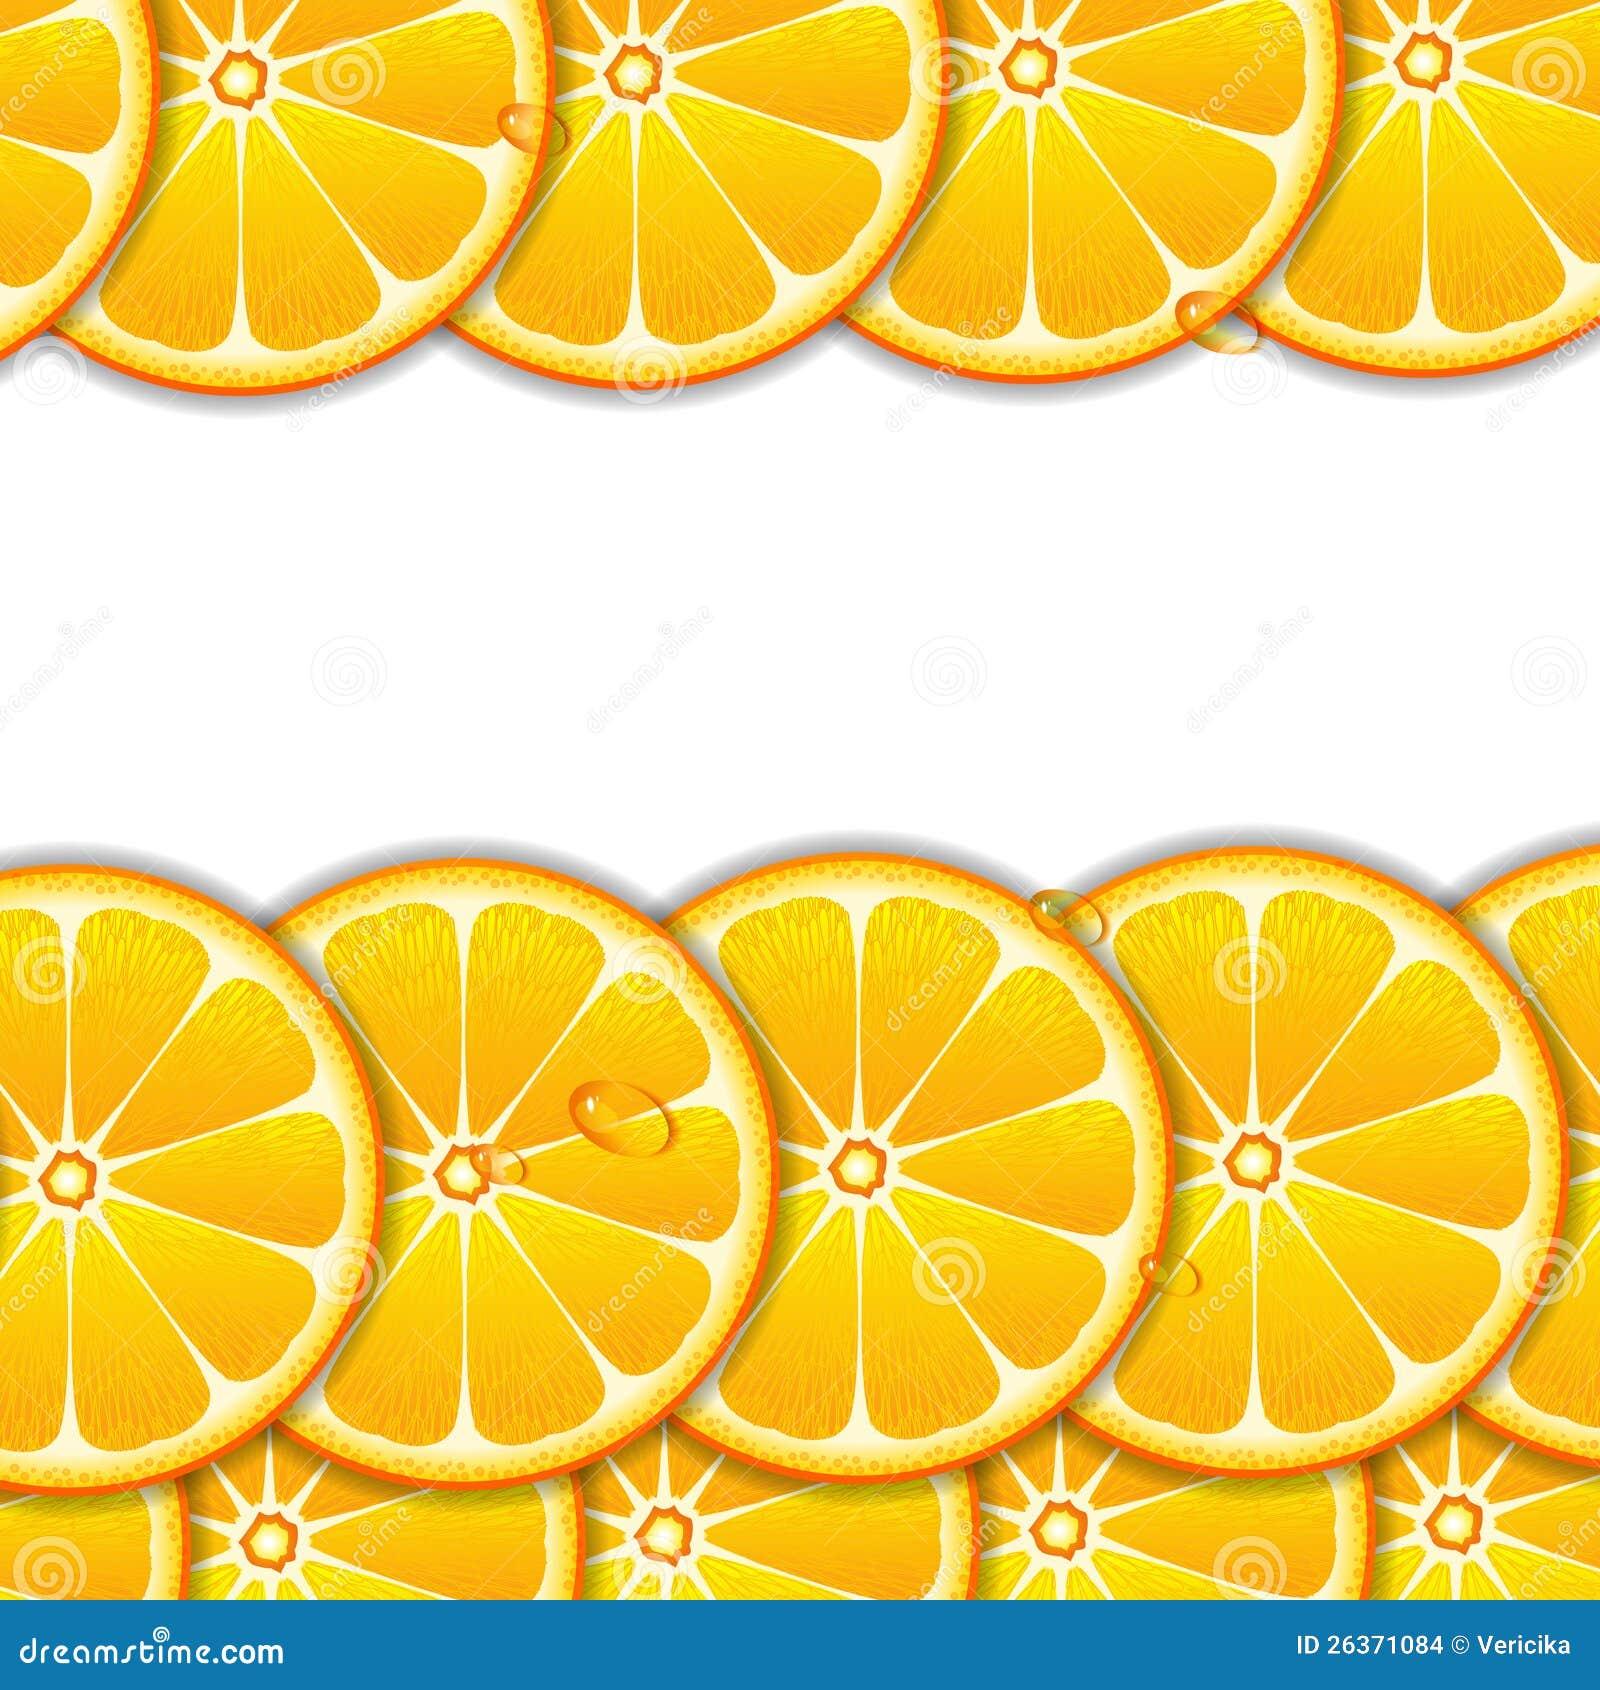 Hintergrund mit orange Scheiben